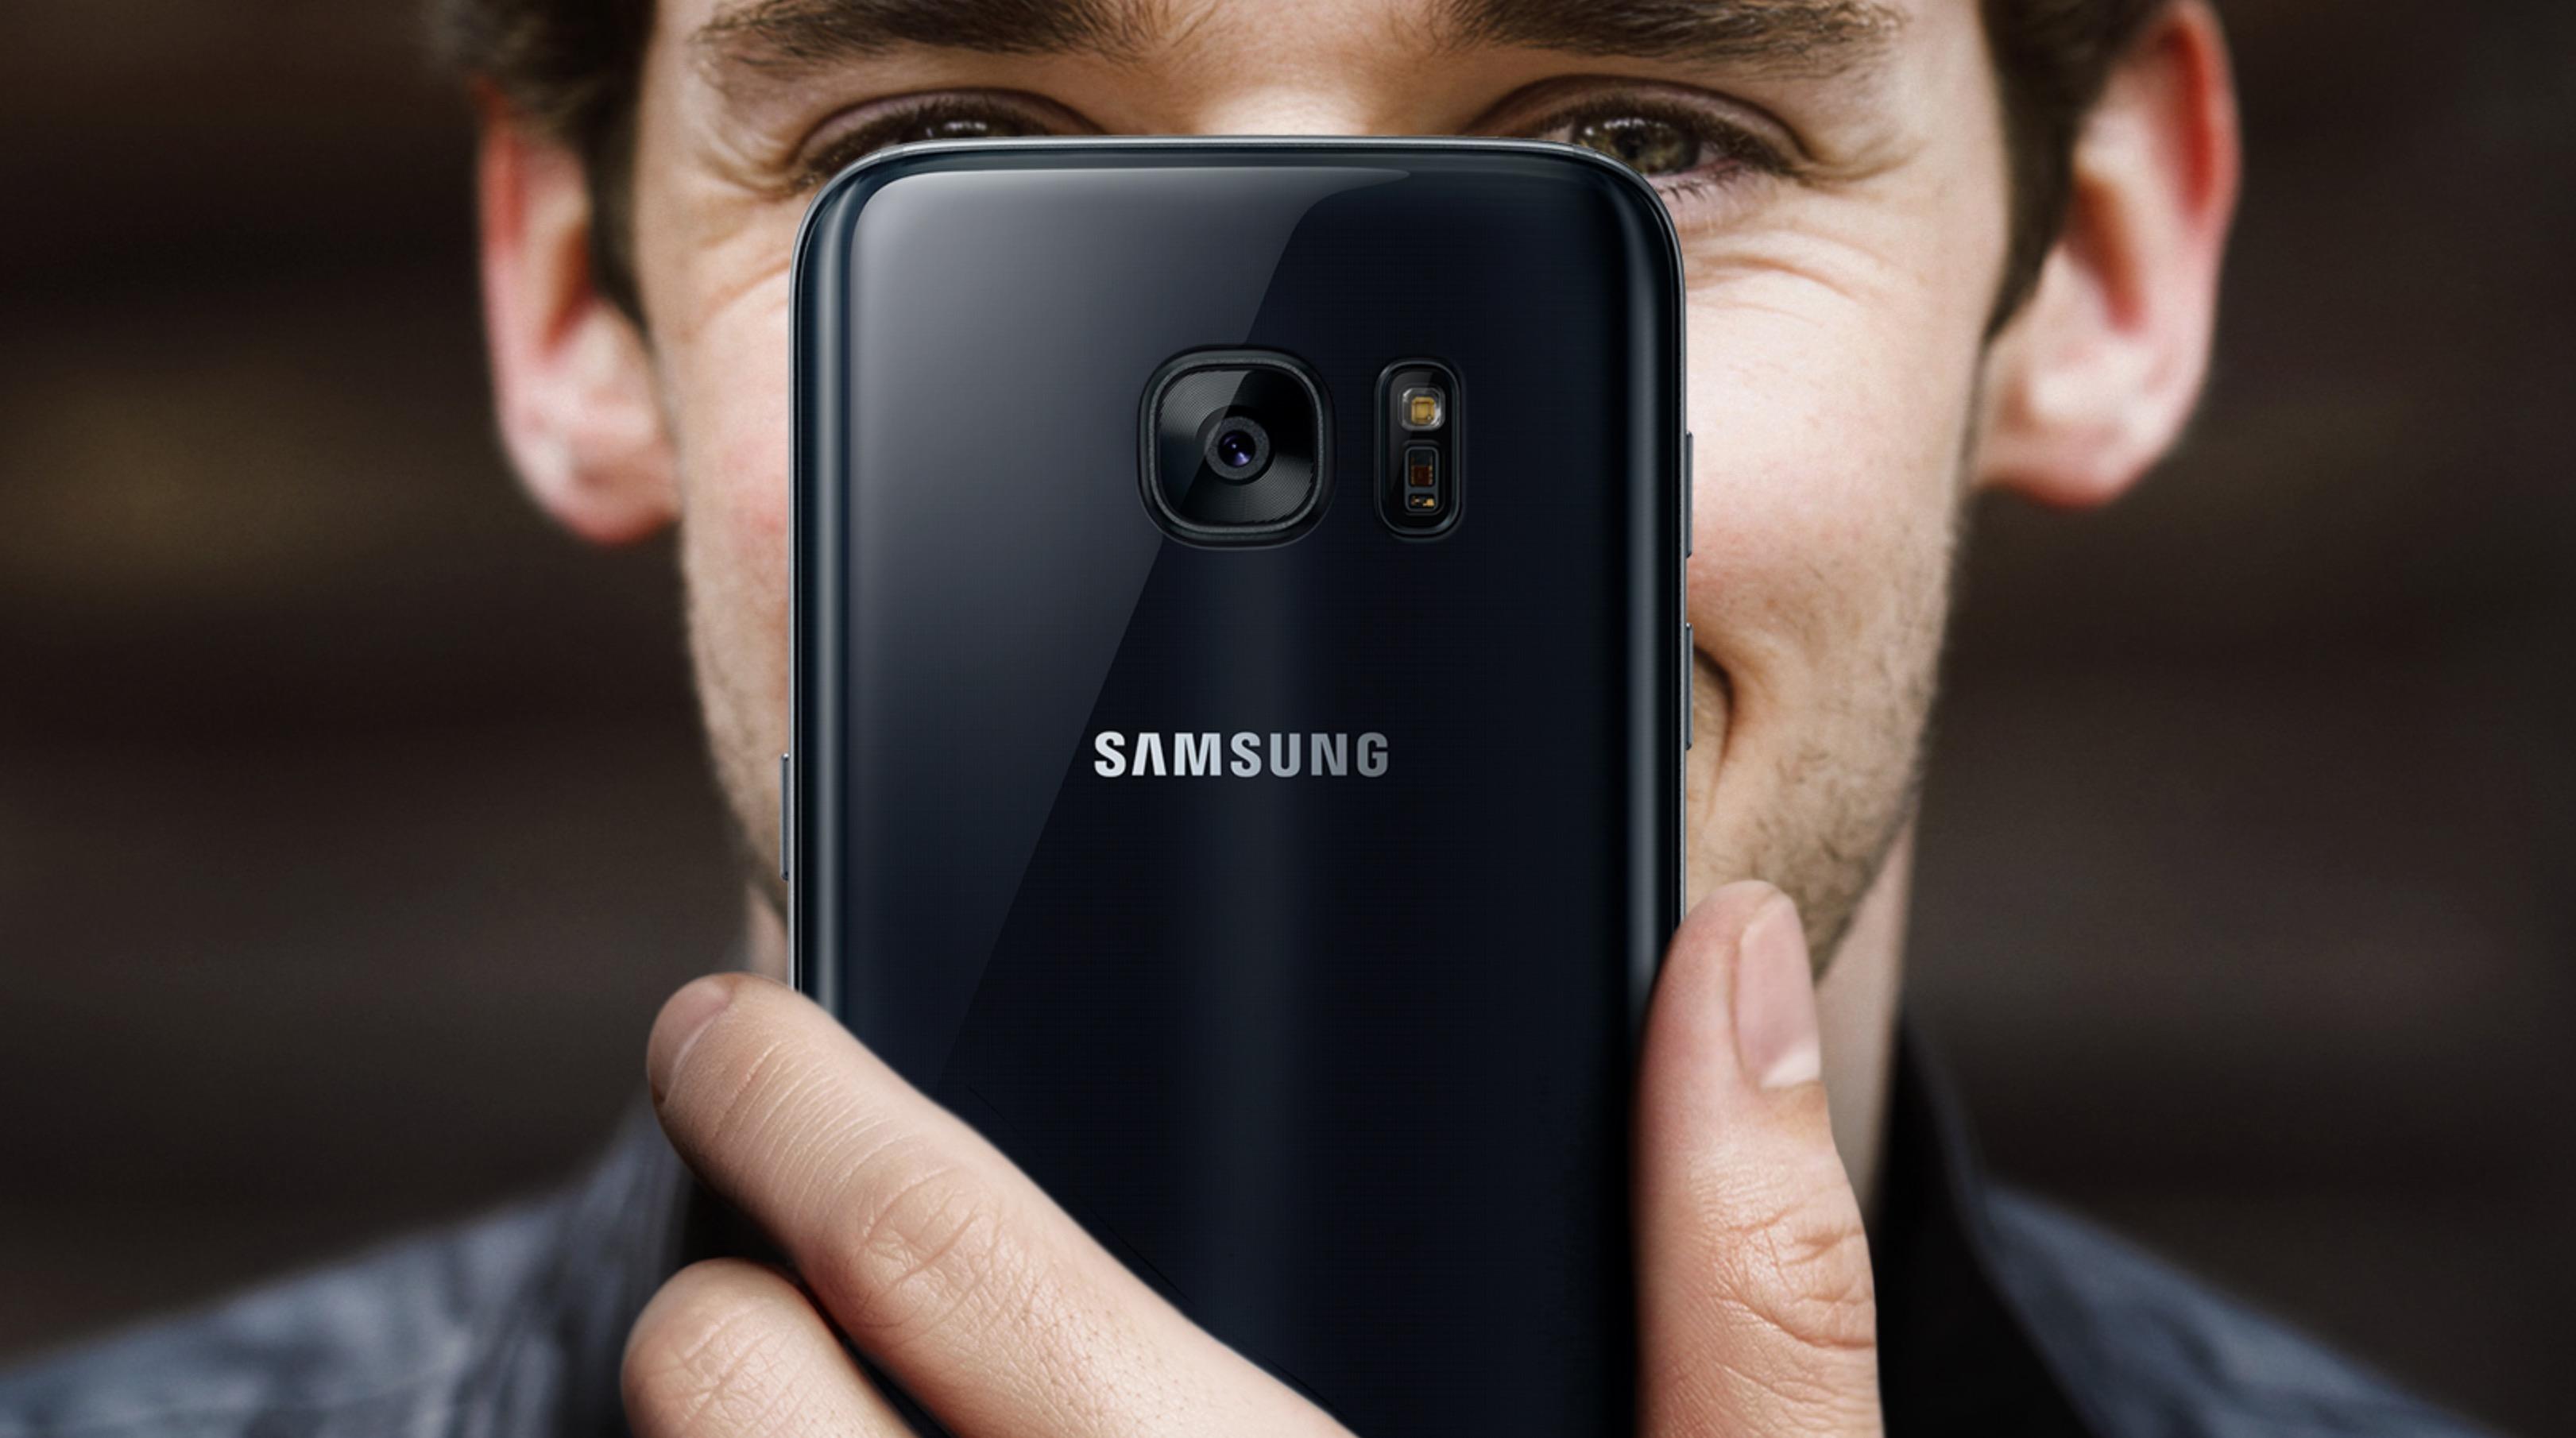 Samsung Galaxy S7: costo di produzione di almeno 255$